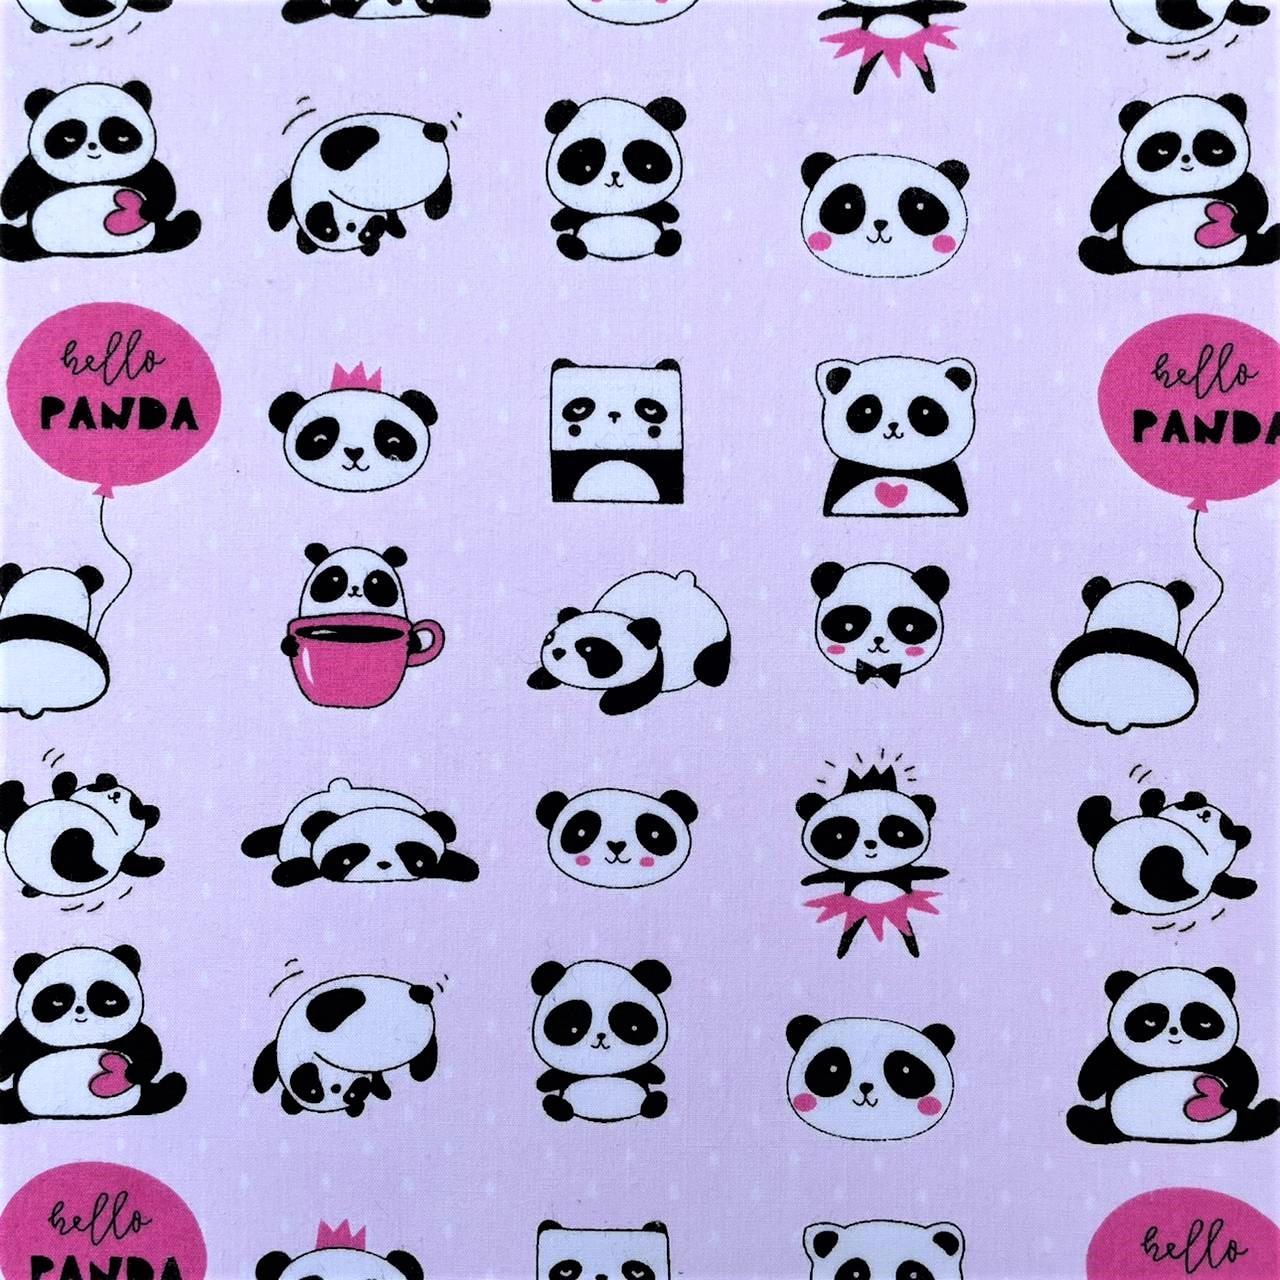 Folha de Eva Com Tecido Hello Panda 40x30 cm